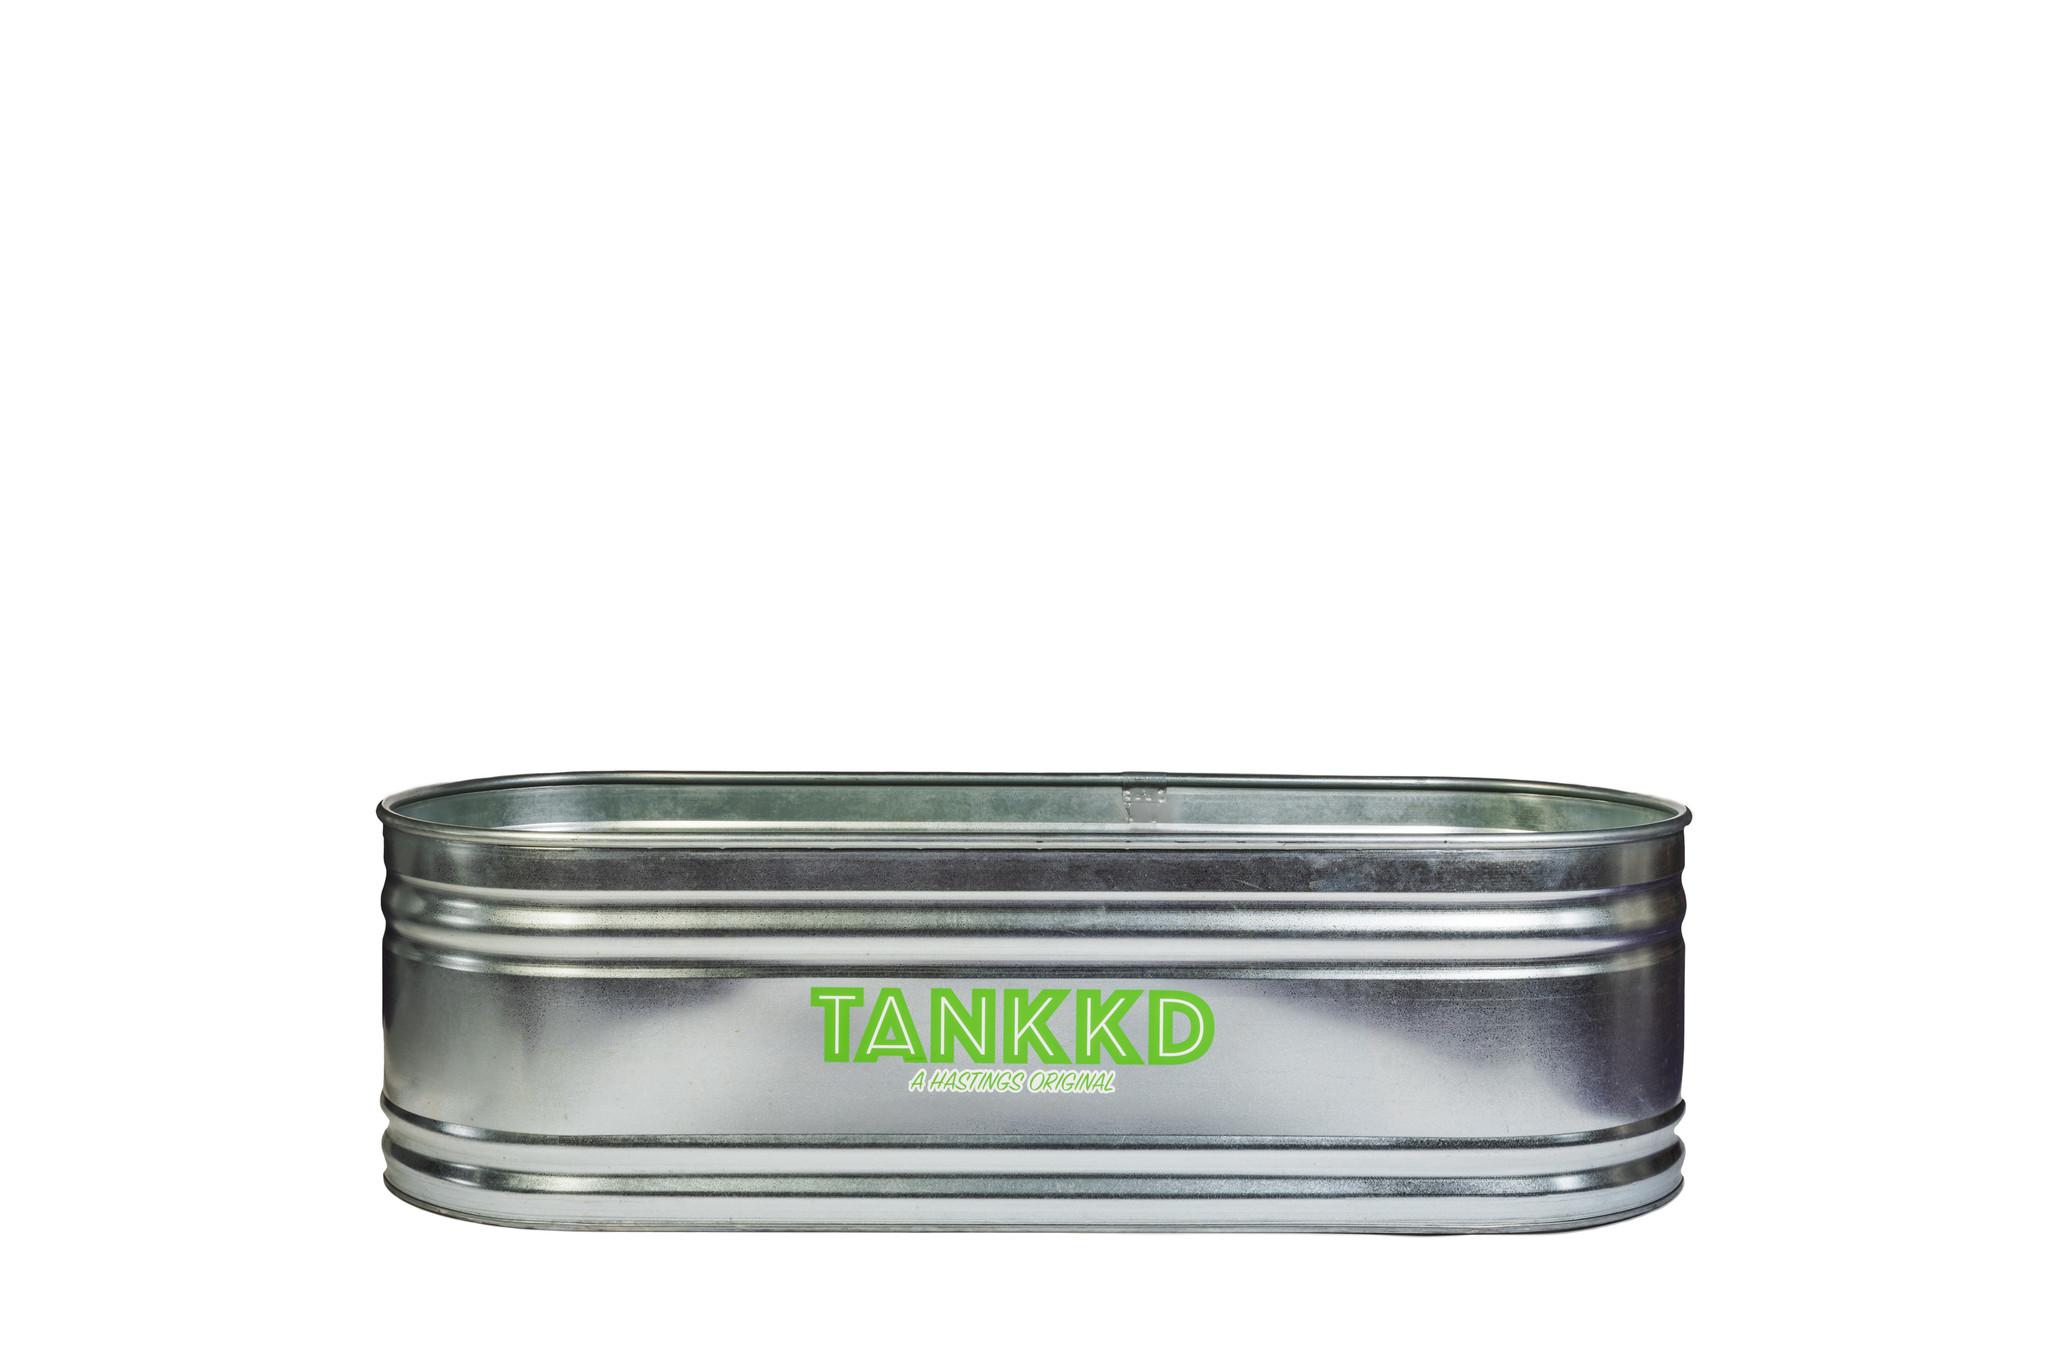 Tankkd a Hastings original stock tank Green Label-9